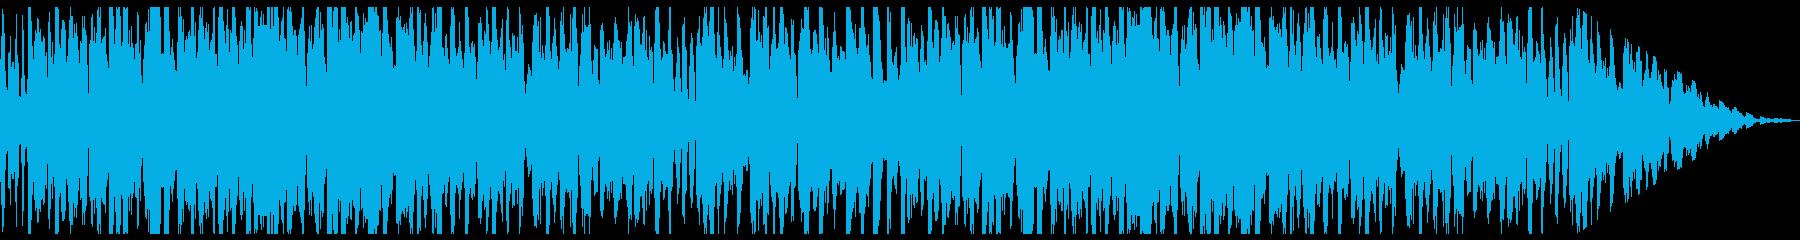 サーカスをテーマにしたインストゥル...の再生済みの波形